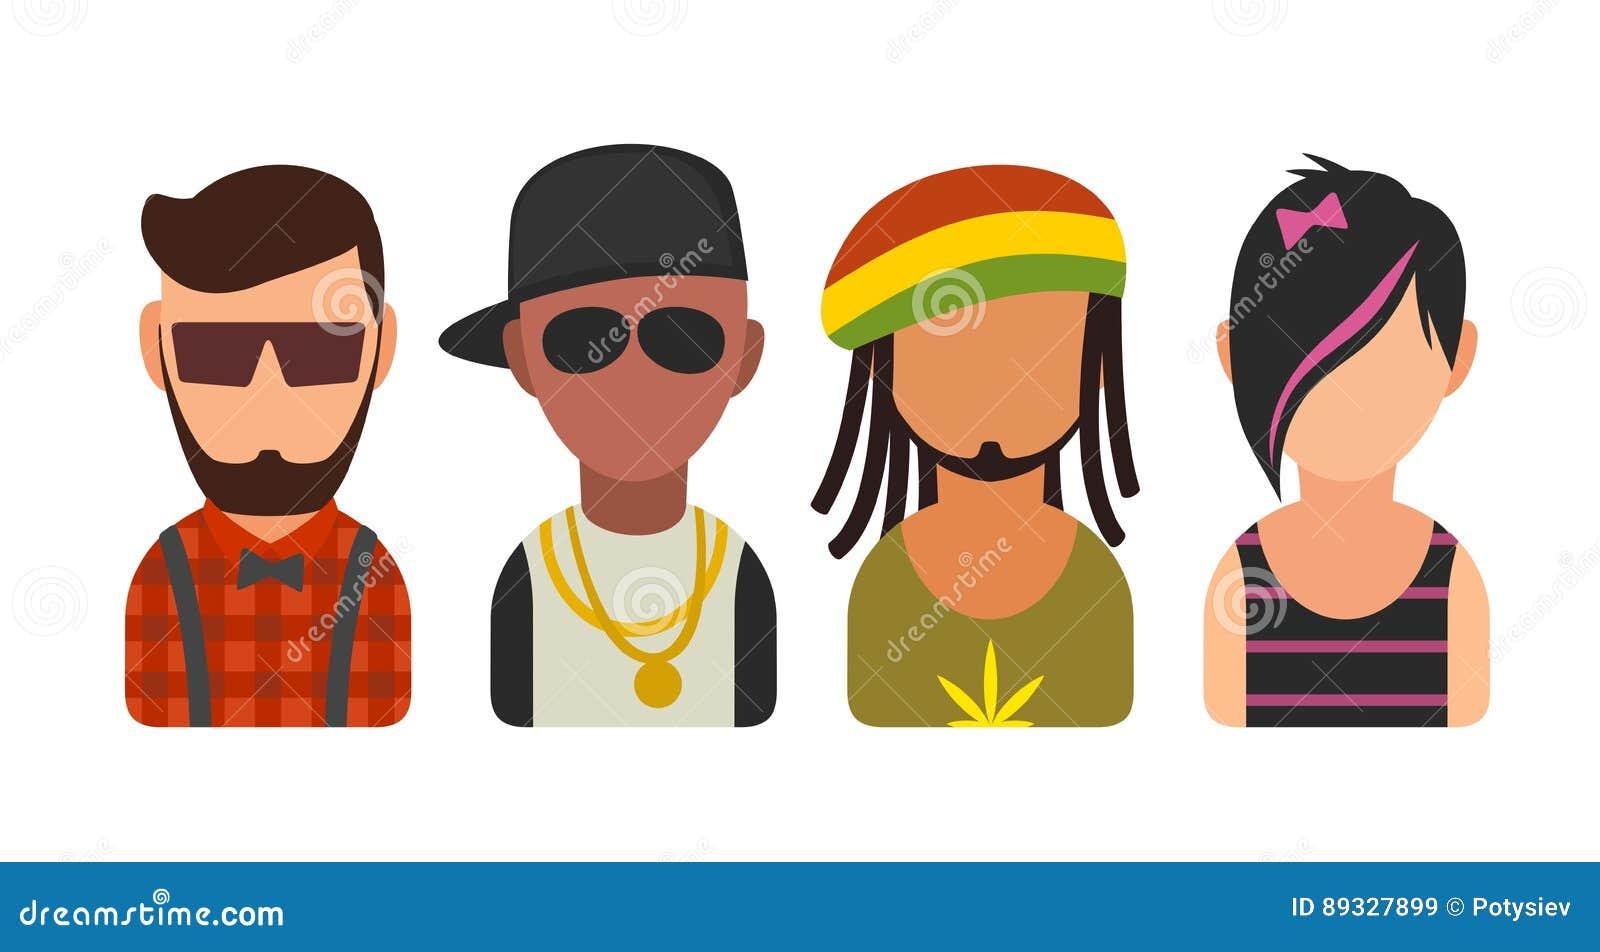 Καθορισμένοι άνθρωποι υποομάδων εικονιδίων διαφορετικοί Hipster, raper, emo, rastafarian